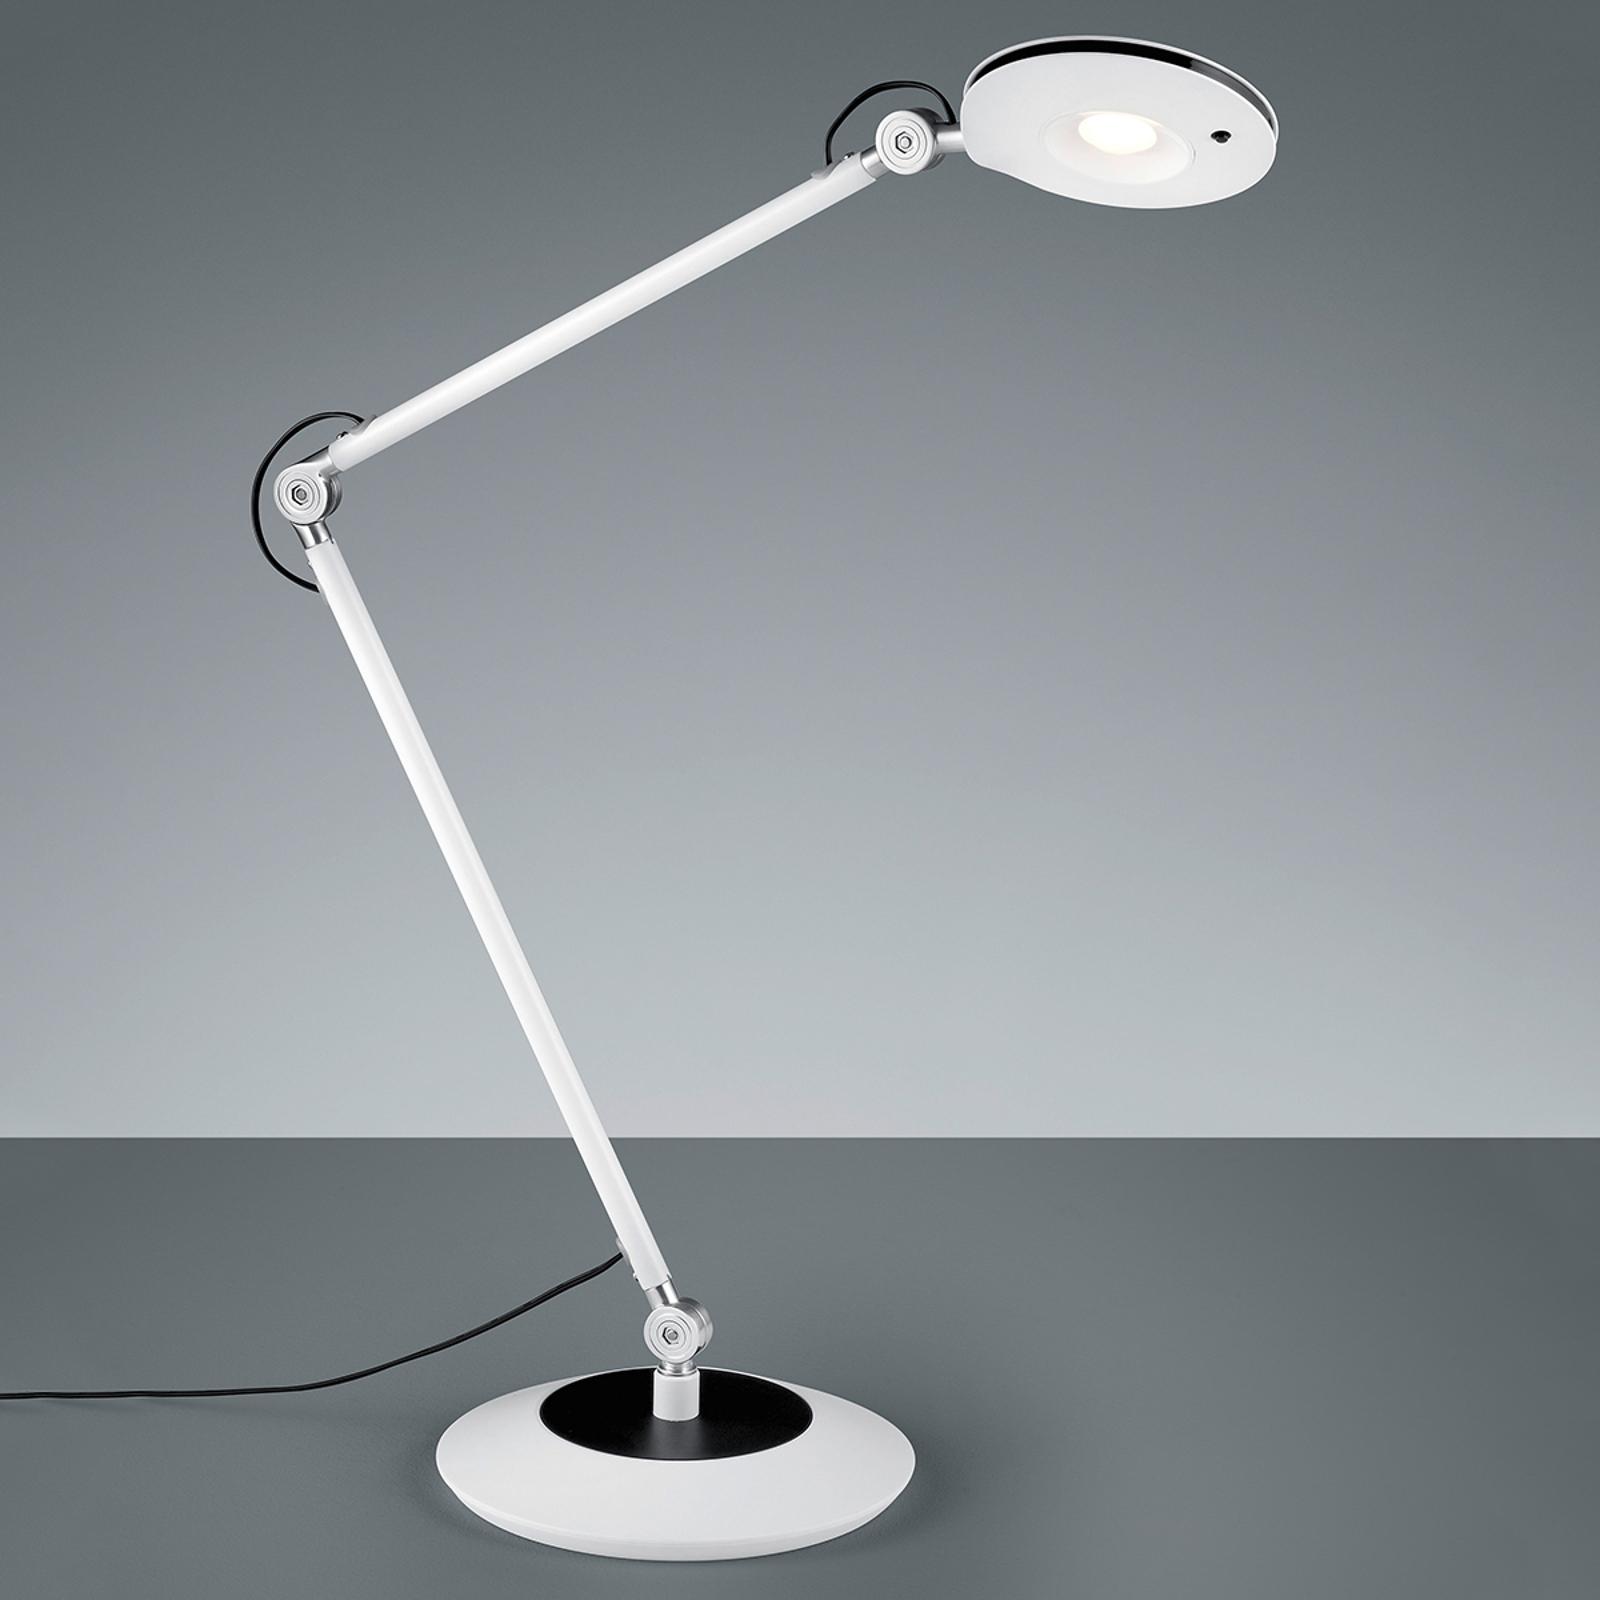 Nivelikäs LED-pöytälamppu Roderic valkoisena